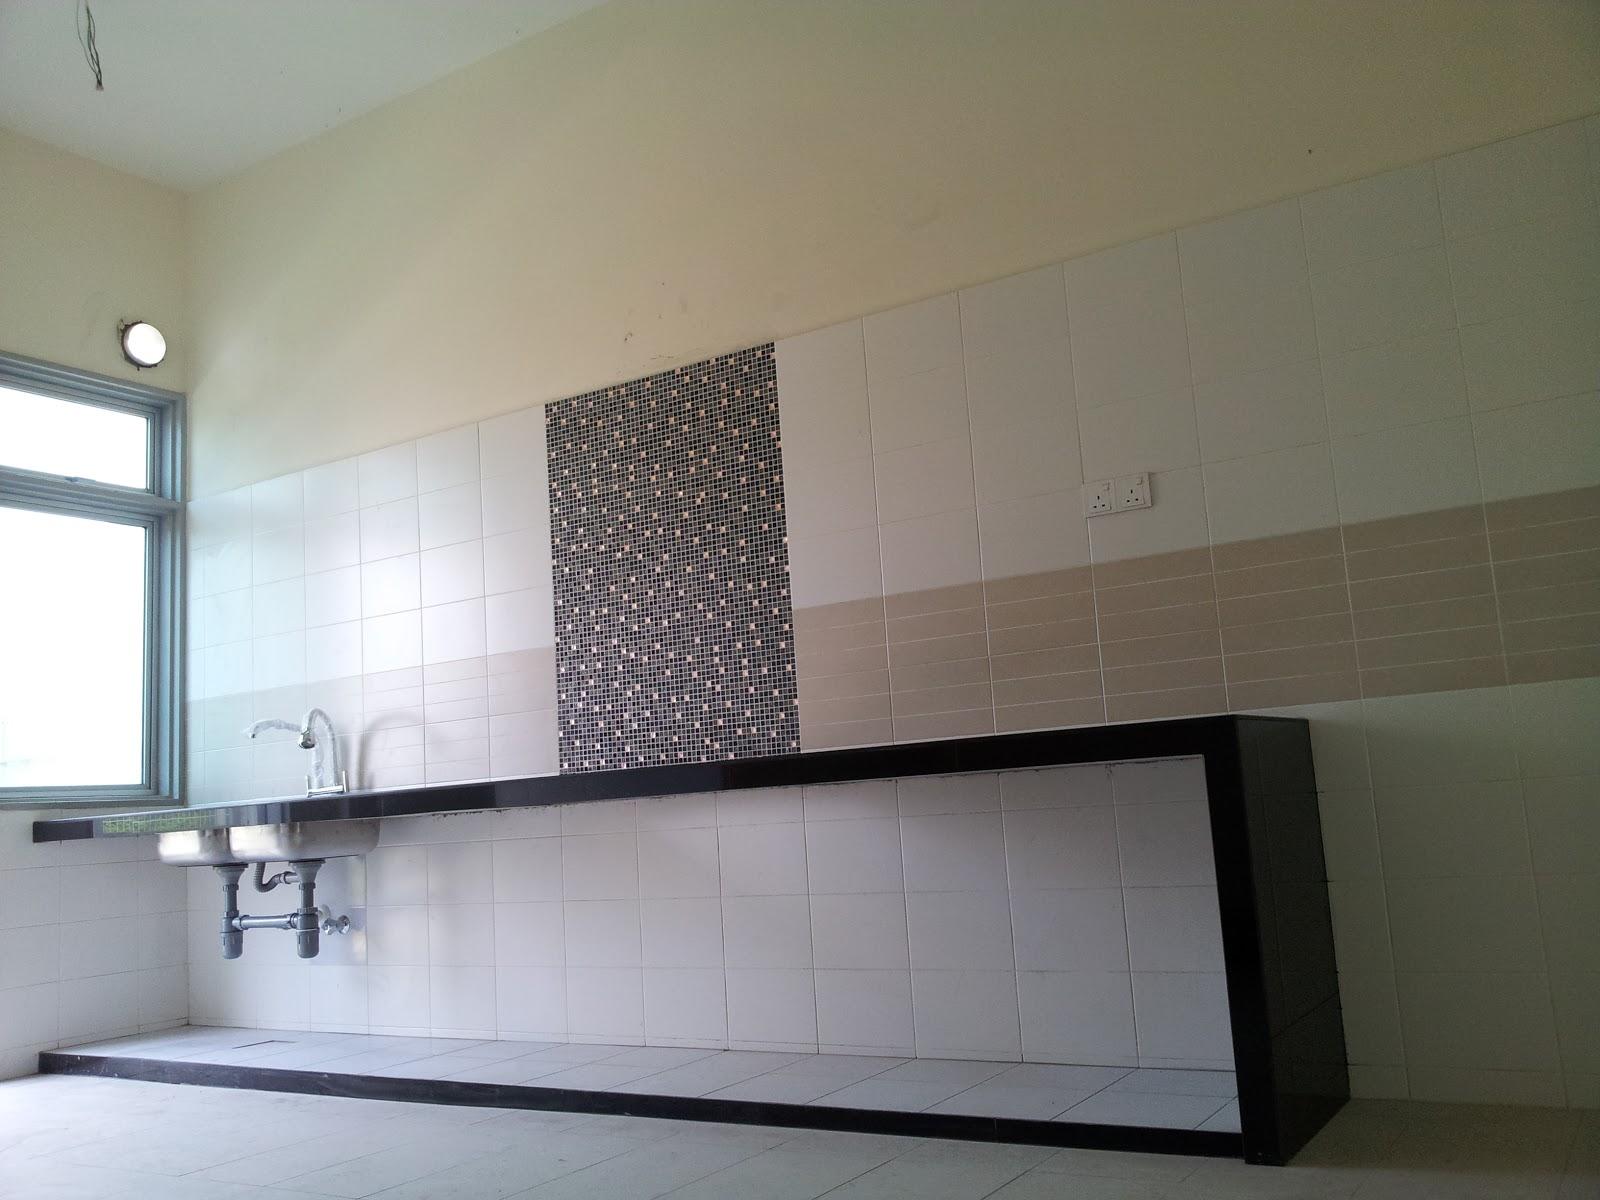 Tengah Dok Berangan Rupa Kitchen Cabinet Ni Nanti Still Belum Decide Betul2 Warna Yang Kitorang Nak Untuk Rak2 Dapur Huuu